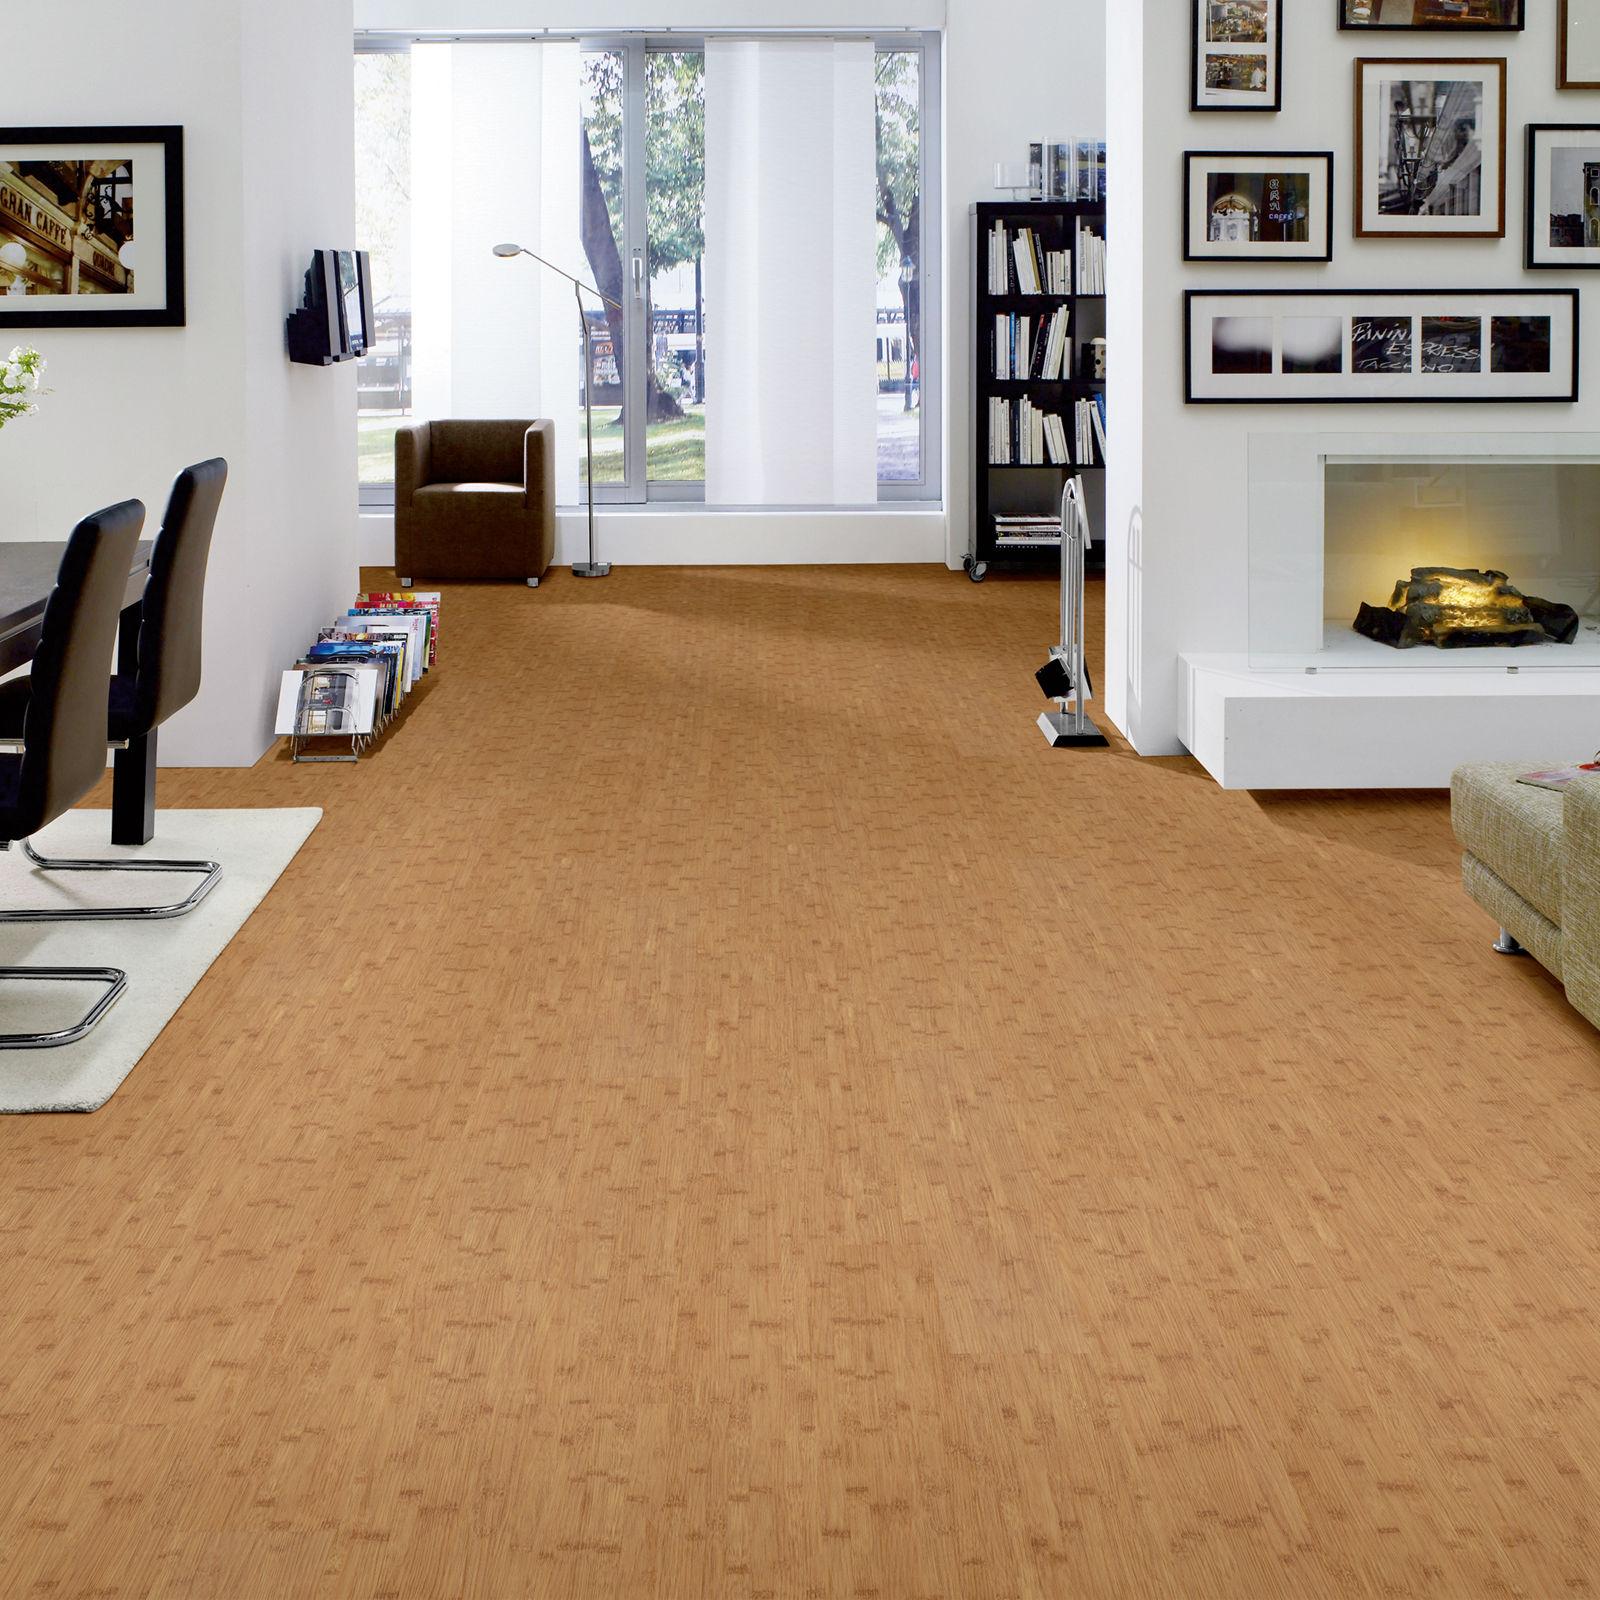 hori klebe vinylboden laminat dielenboden eiche buche steinfliese landhausdiele ebay. Black Bedroom Furniture Sets. Home Design Ideas